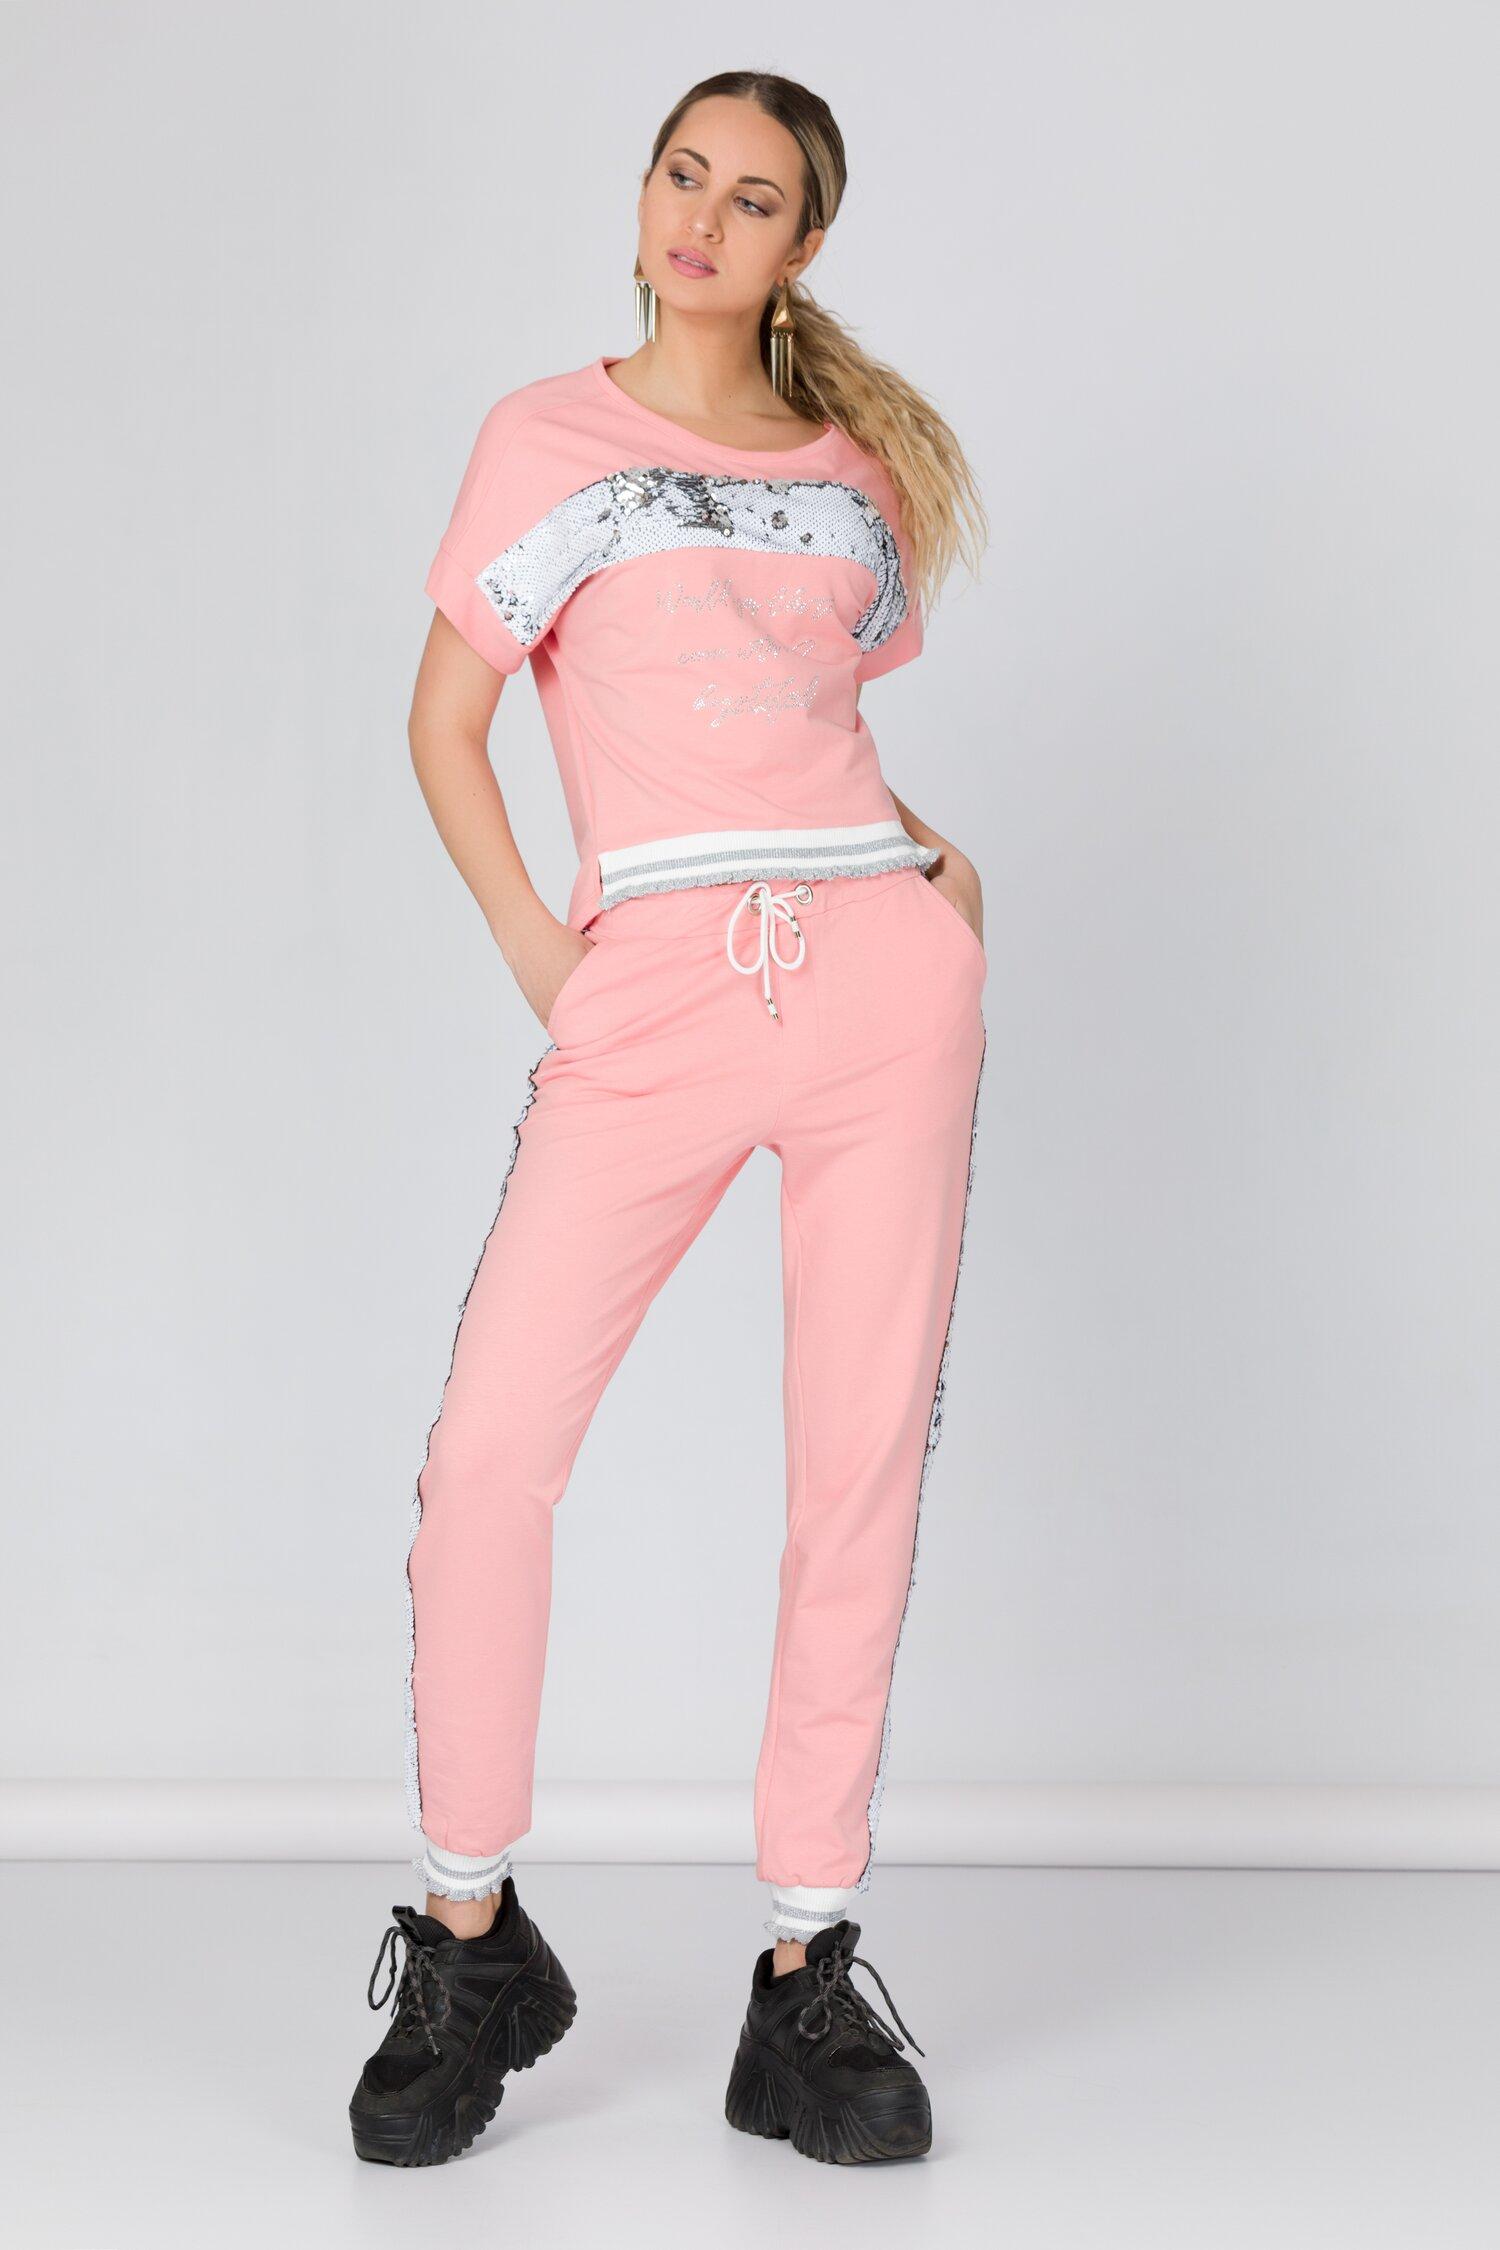 Costum sport roz cu paiete reversibile si strasuri